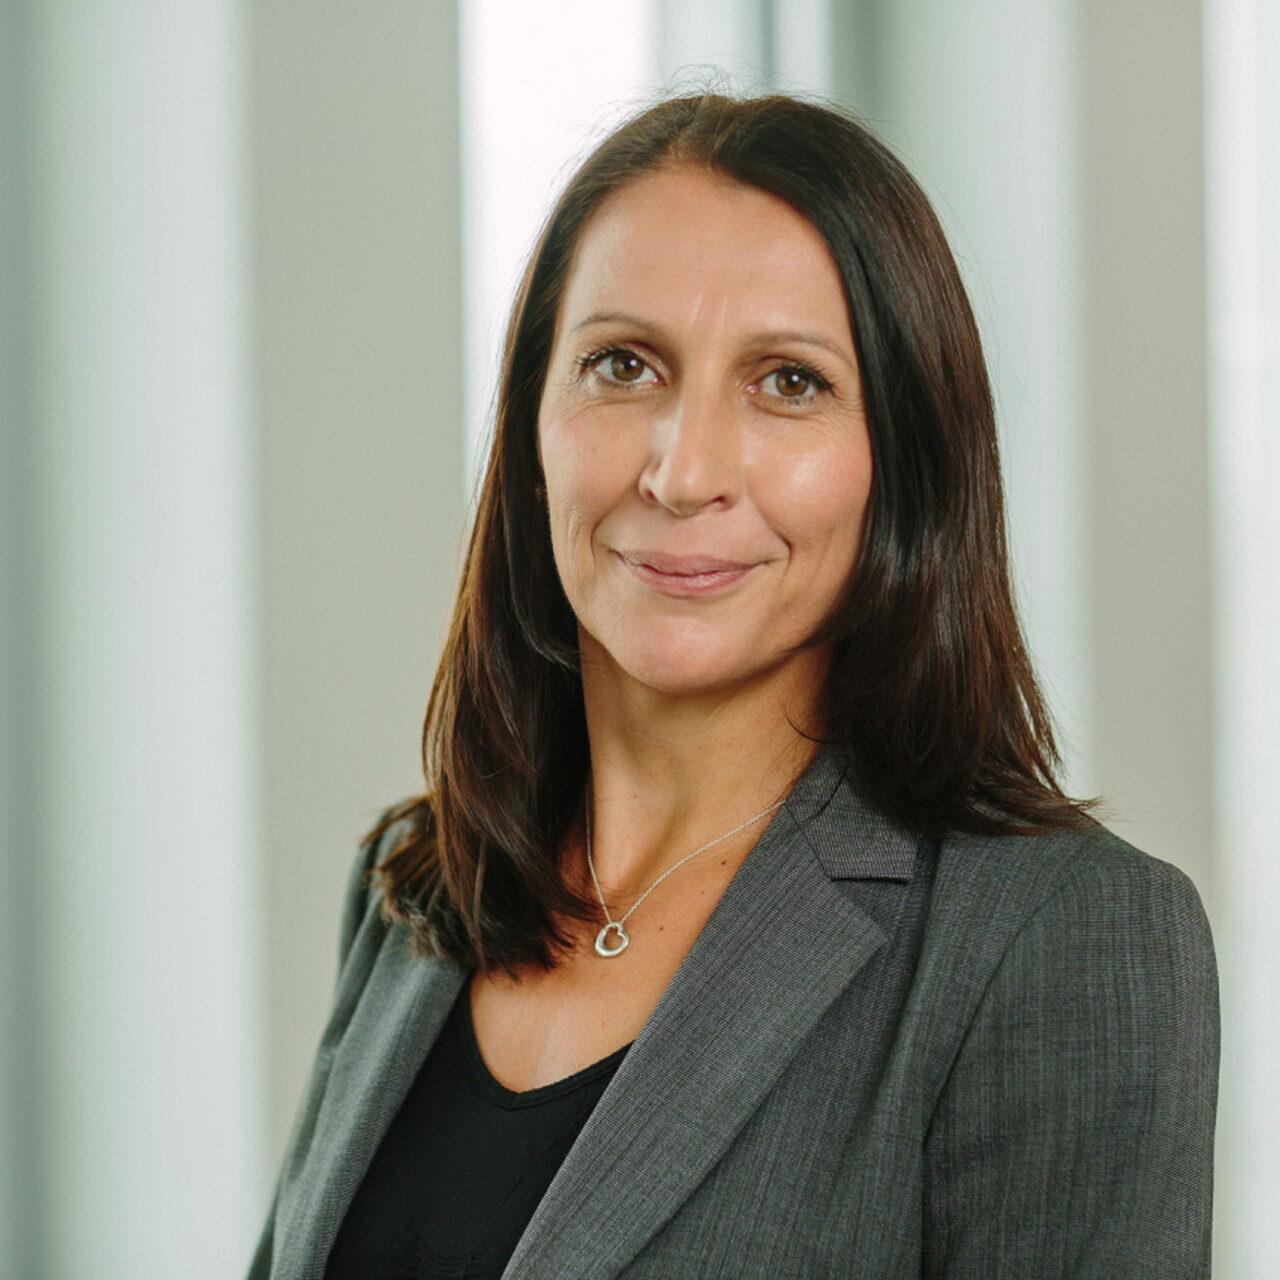 Vorstandsverstärkung für Union Investment Real Estate Austria AG